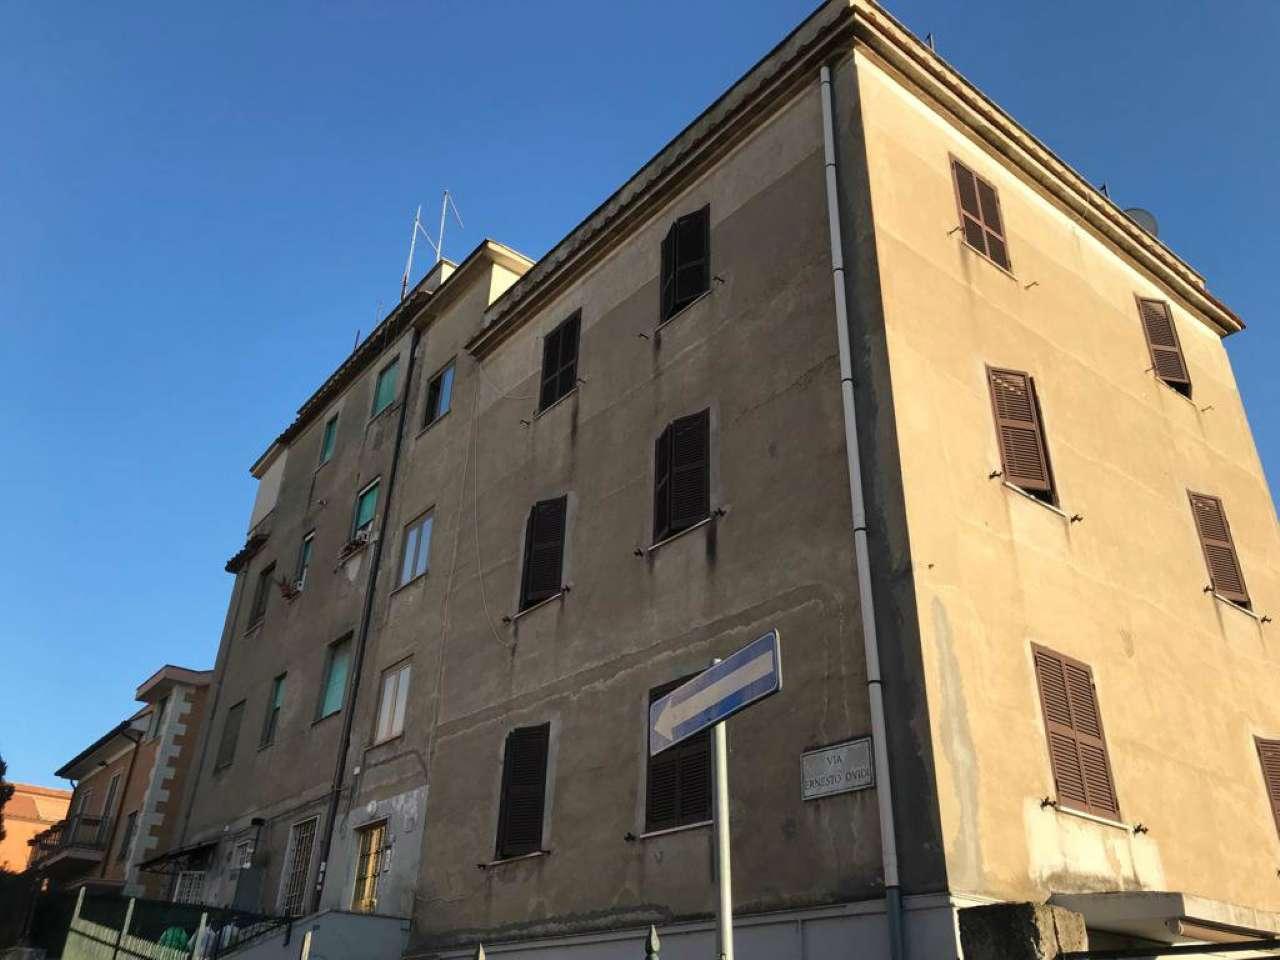 Appartamento in vendita a Roma, 3 locali, zona Zona: 28 . Torrevecchia - Pineta Sacchetti - Ottavia, prezzo € 125.000 | CambioCasa.it